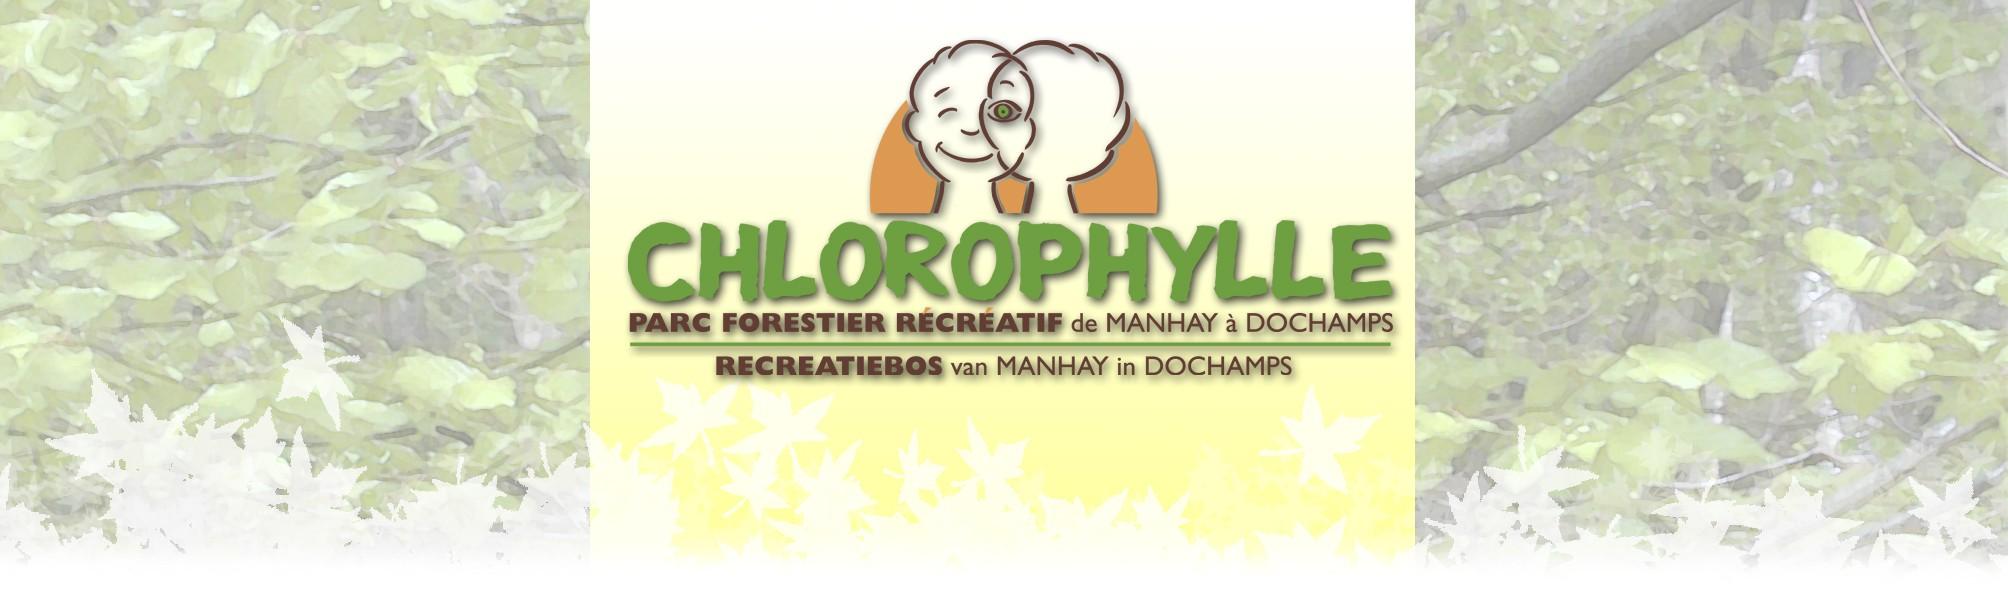 Parc Chlorophylle